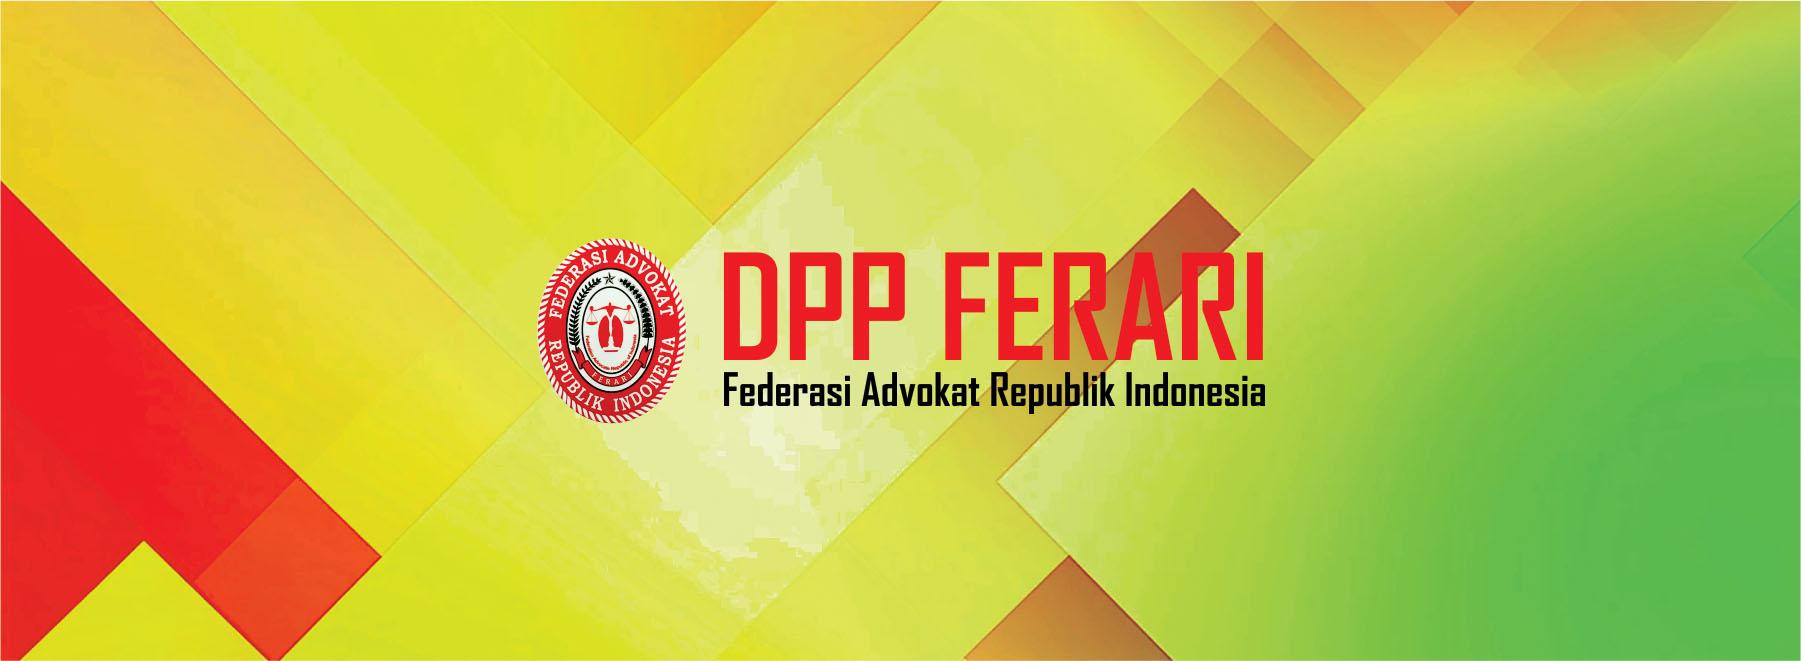 DPP FERARI